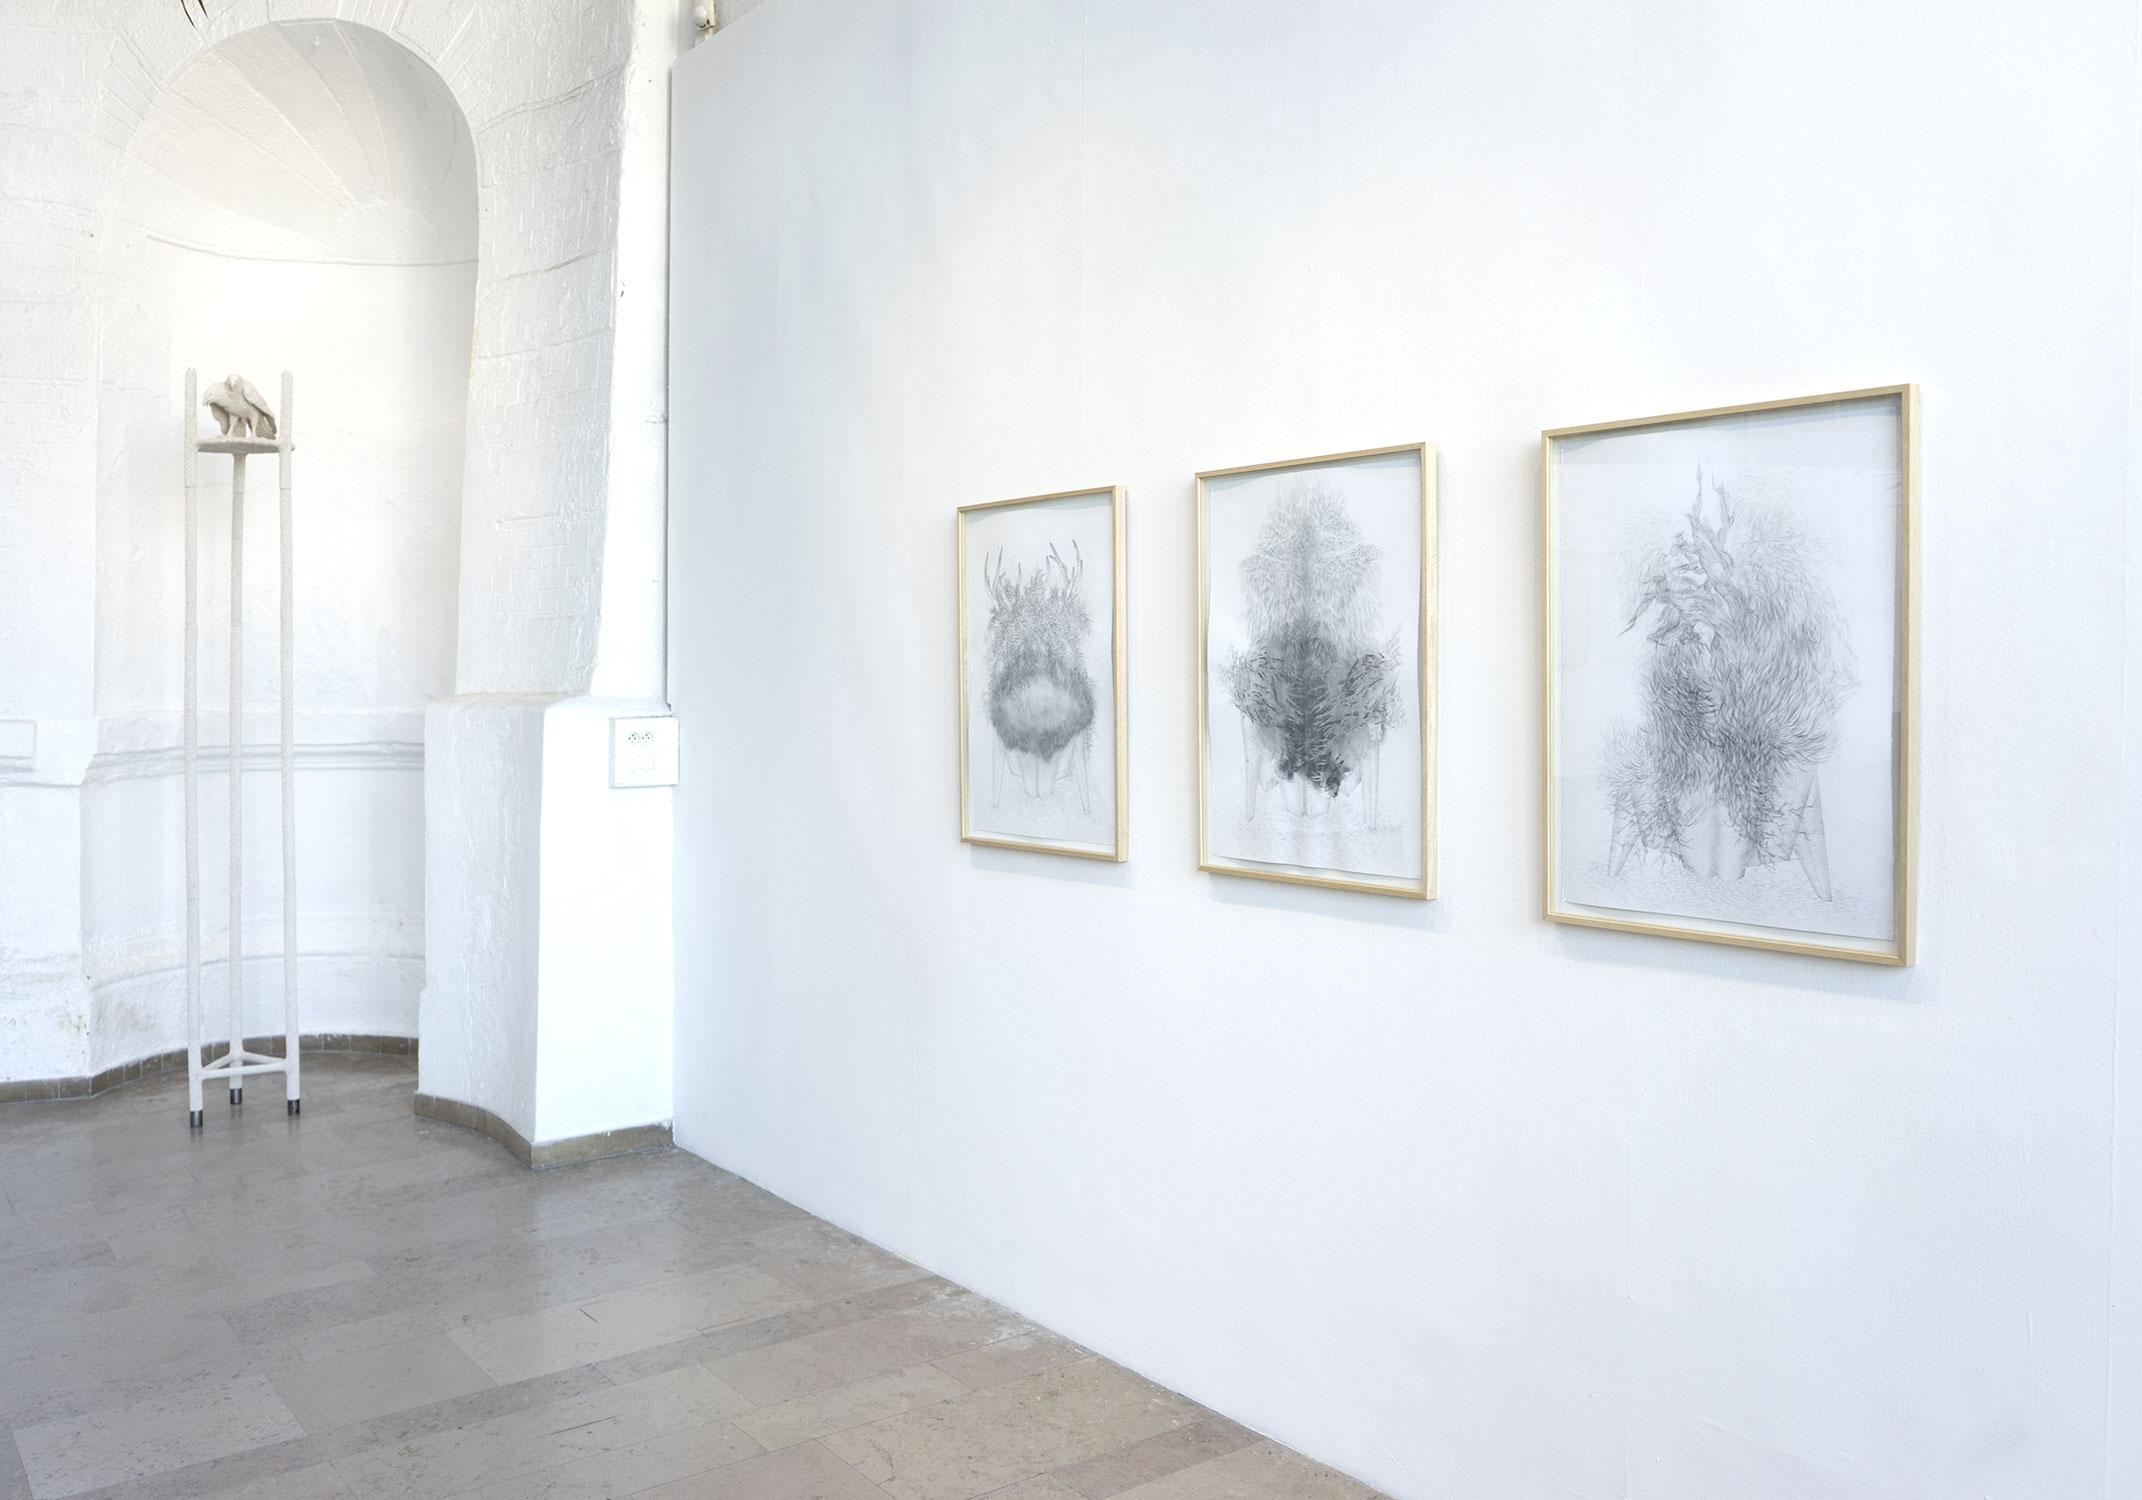 exposition <i>Autels</i> à La Serre, St Etienne, 2018